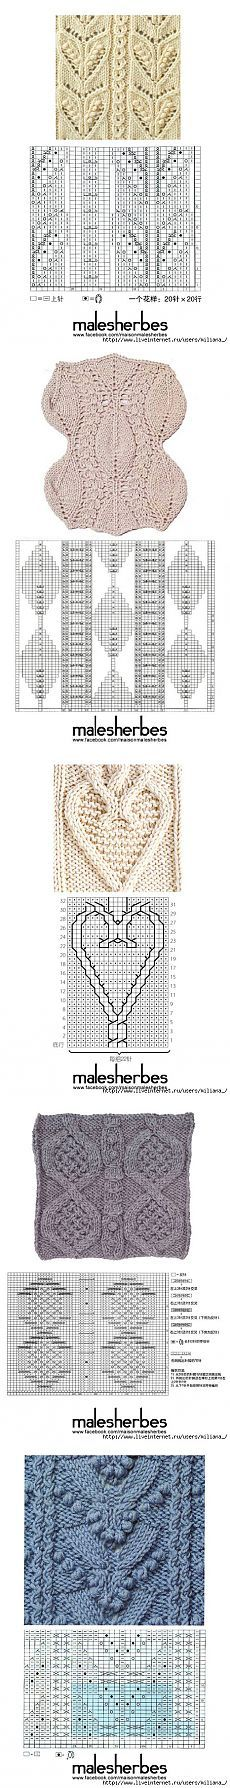 Lace knitting patterns